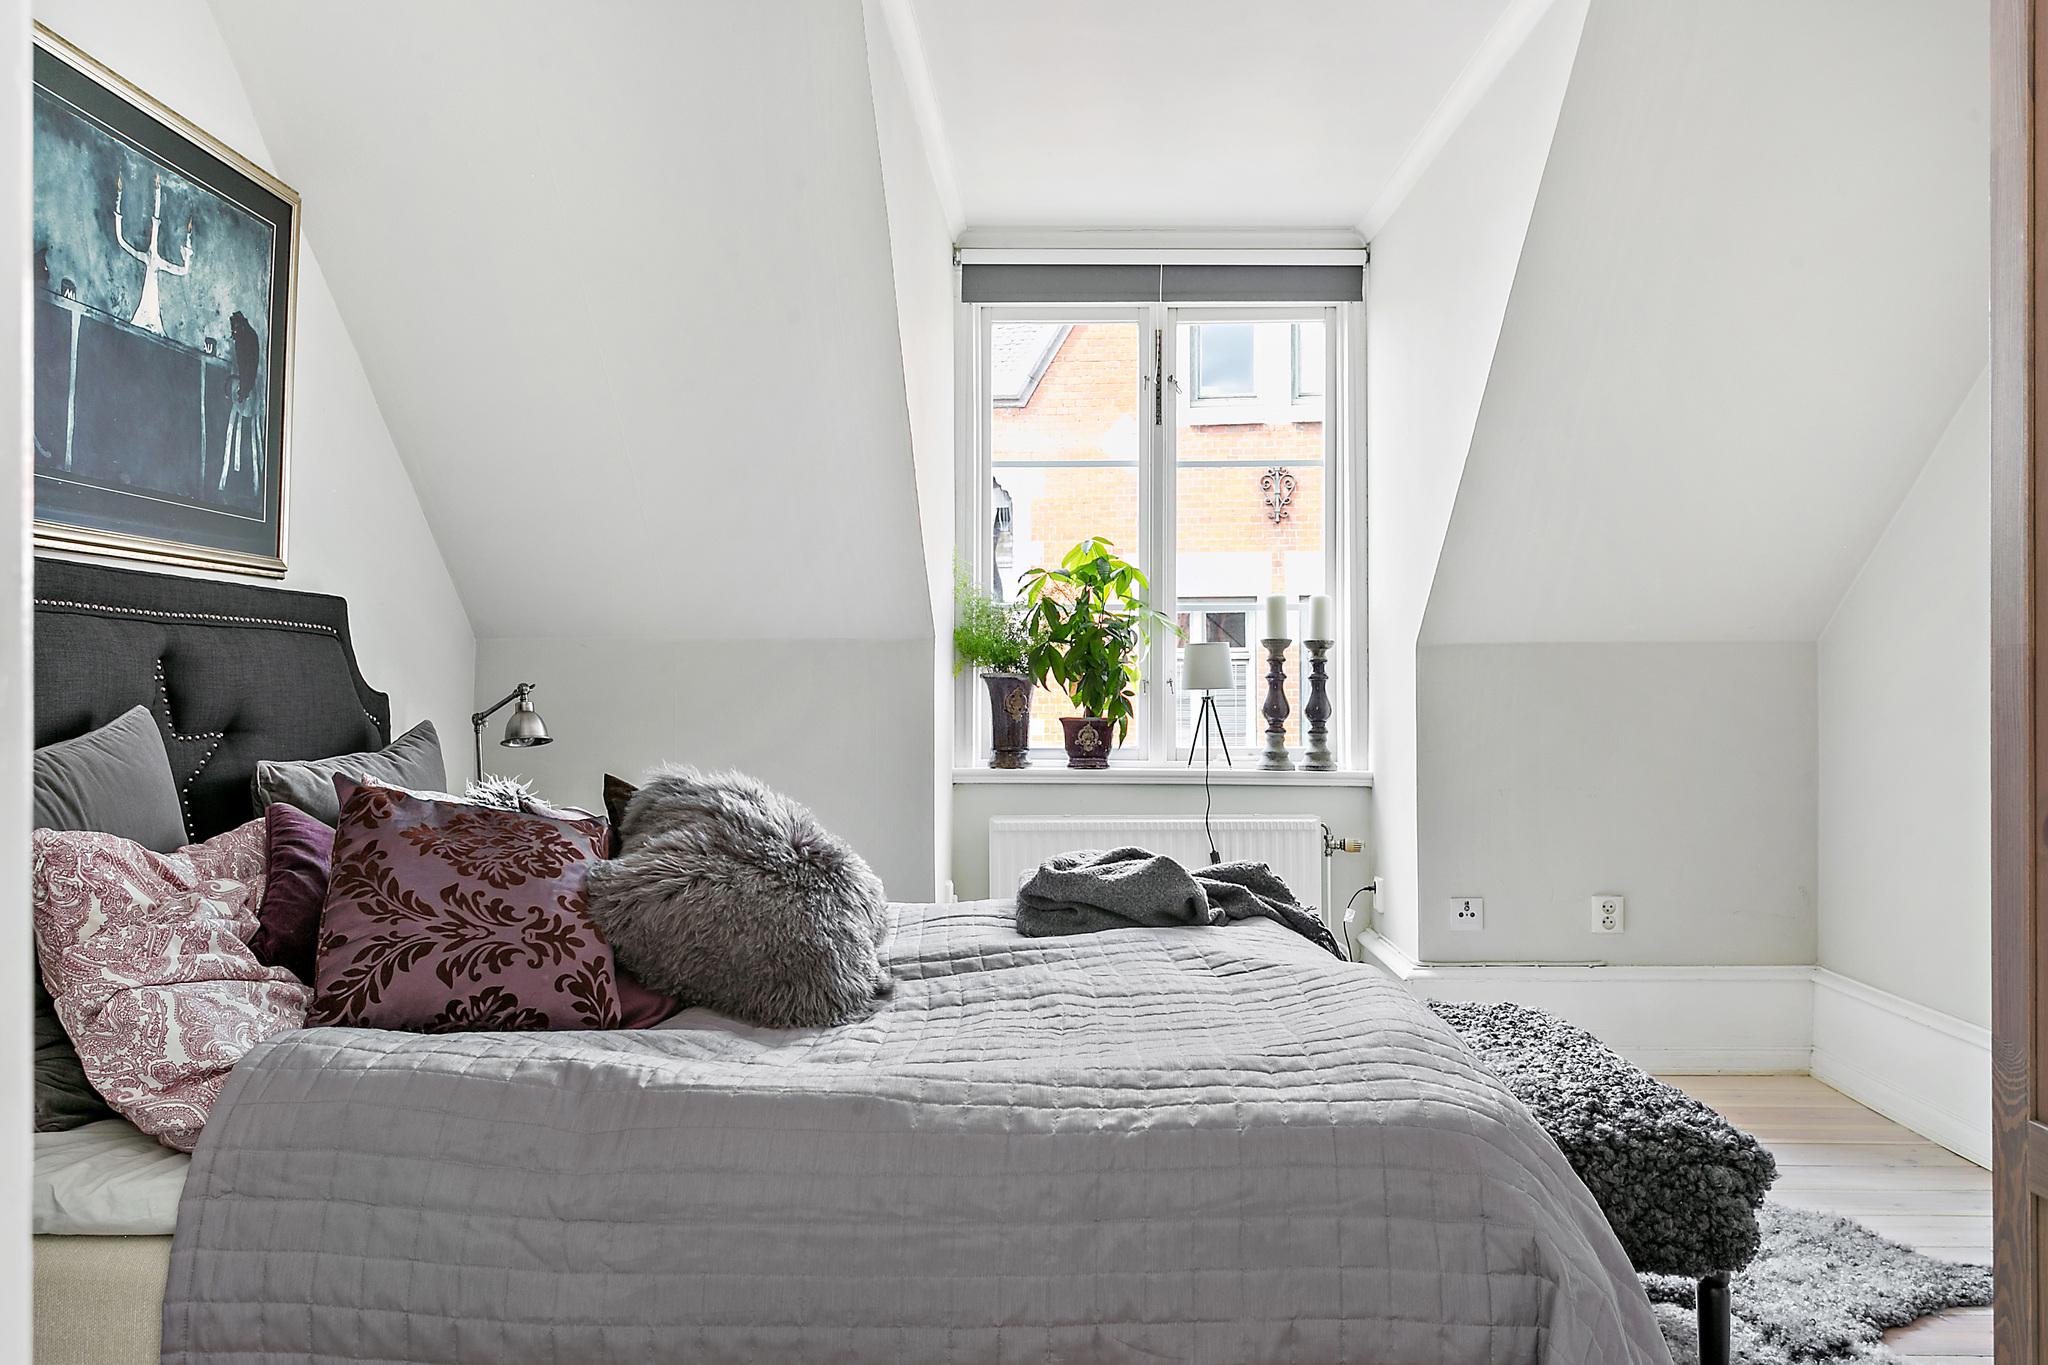 мансарда спальня кровать окно подоконник цветок